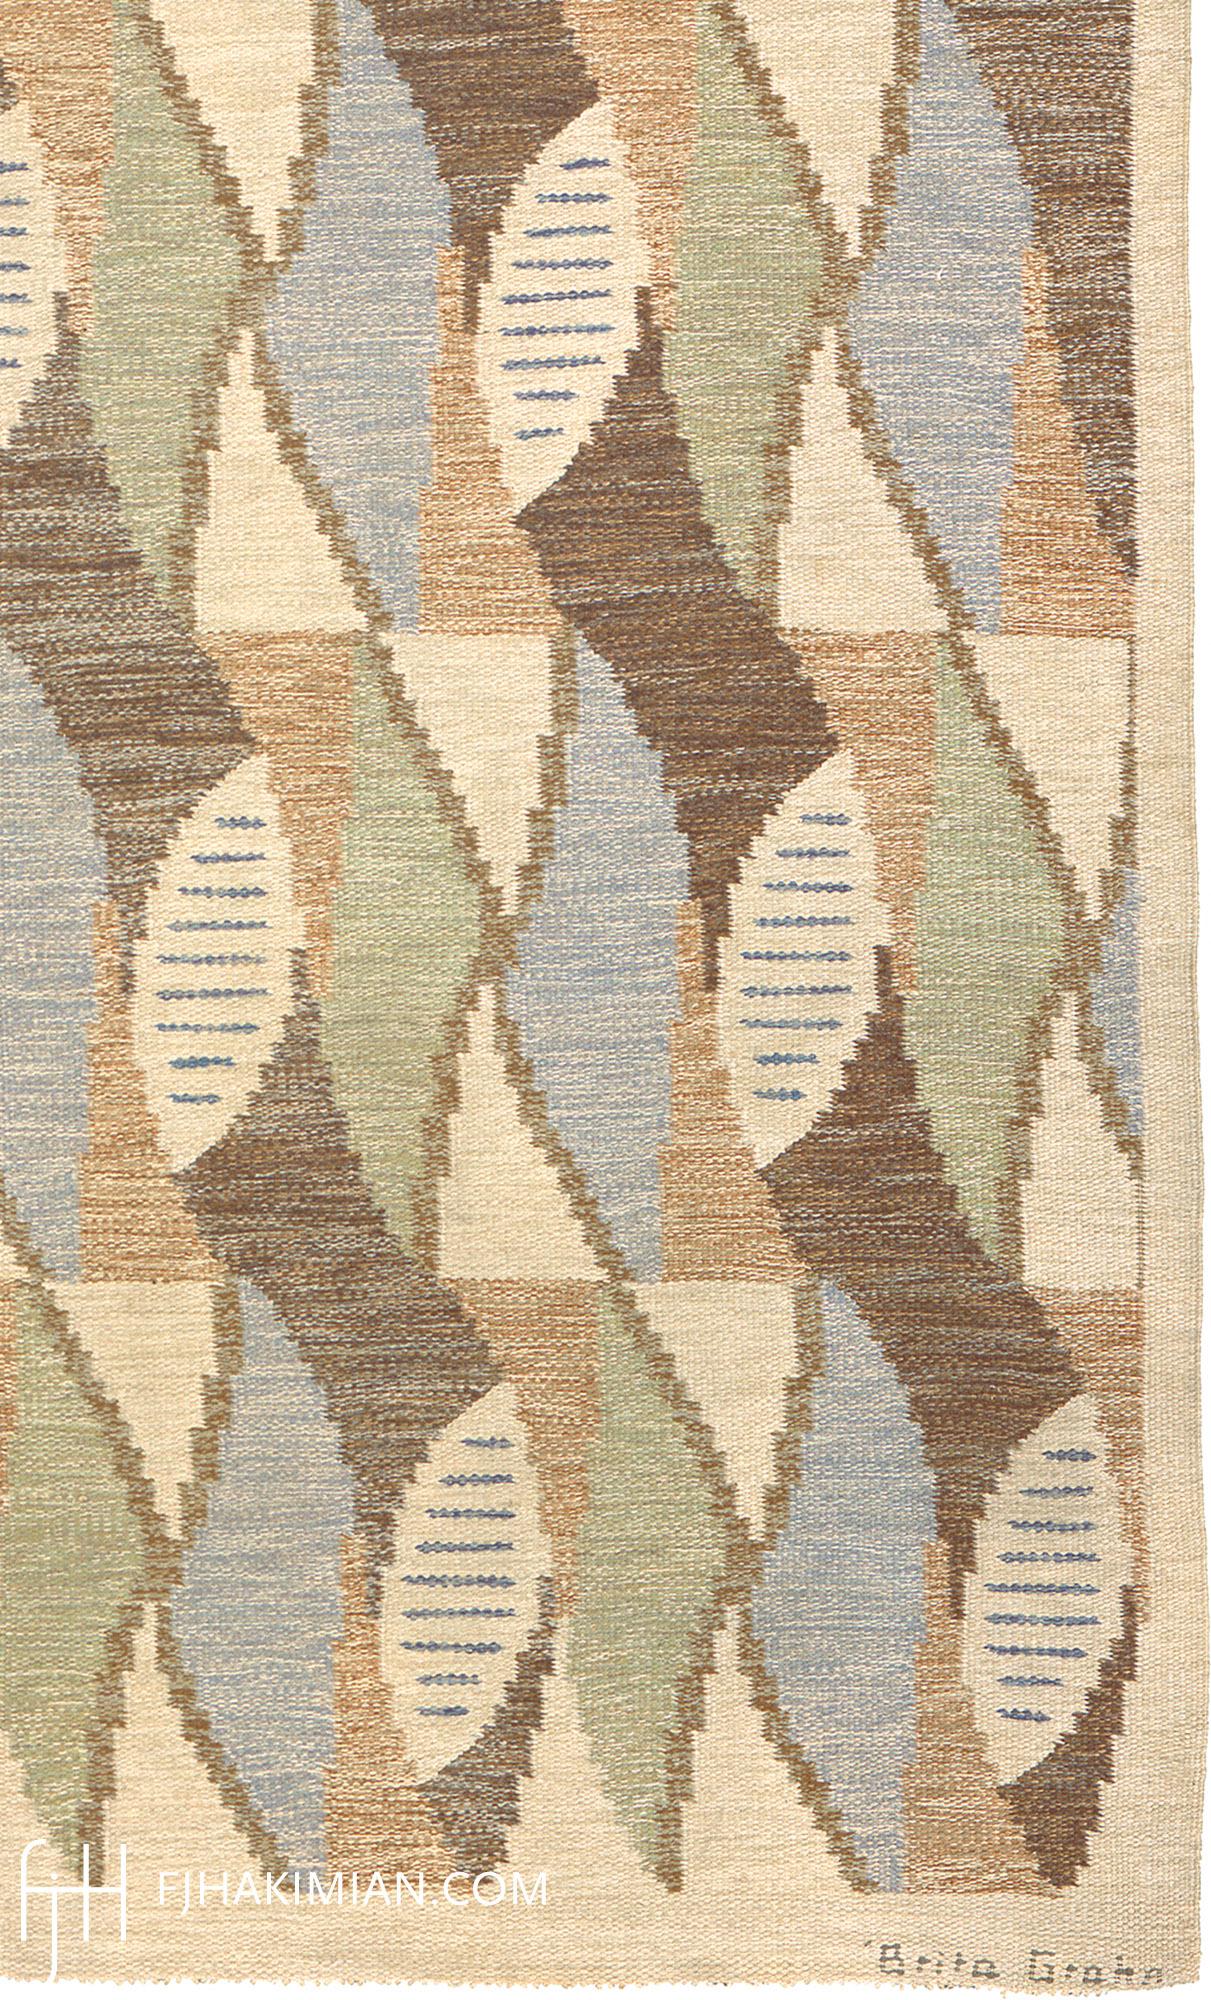 Swedish Flat Weave Rug #02783   FJ Hakimian